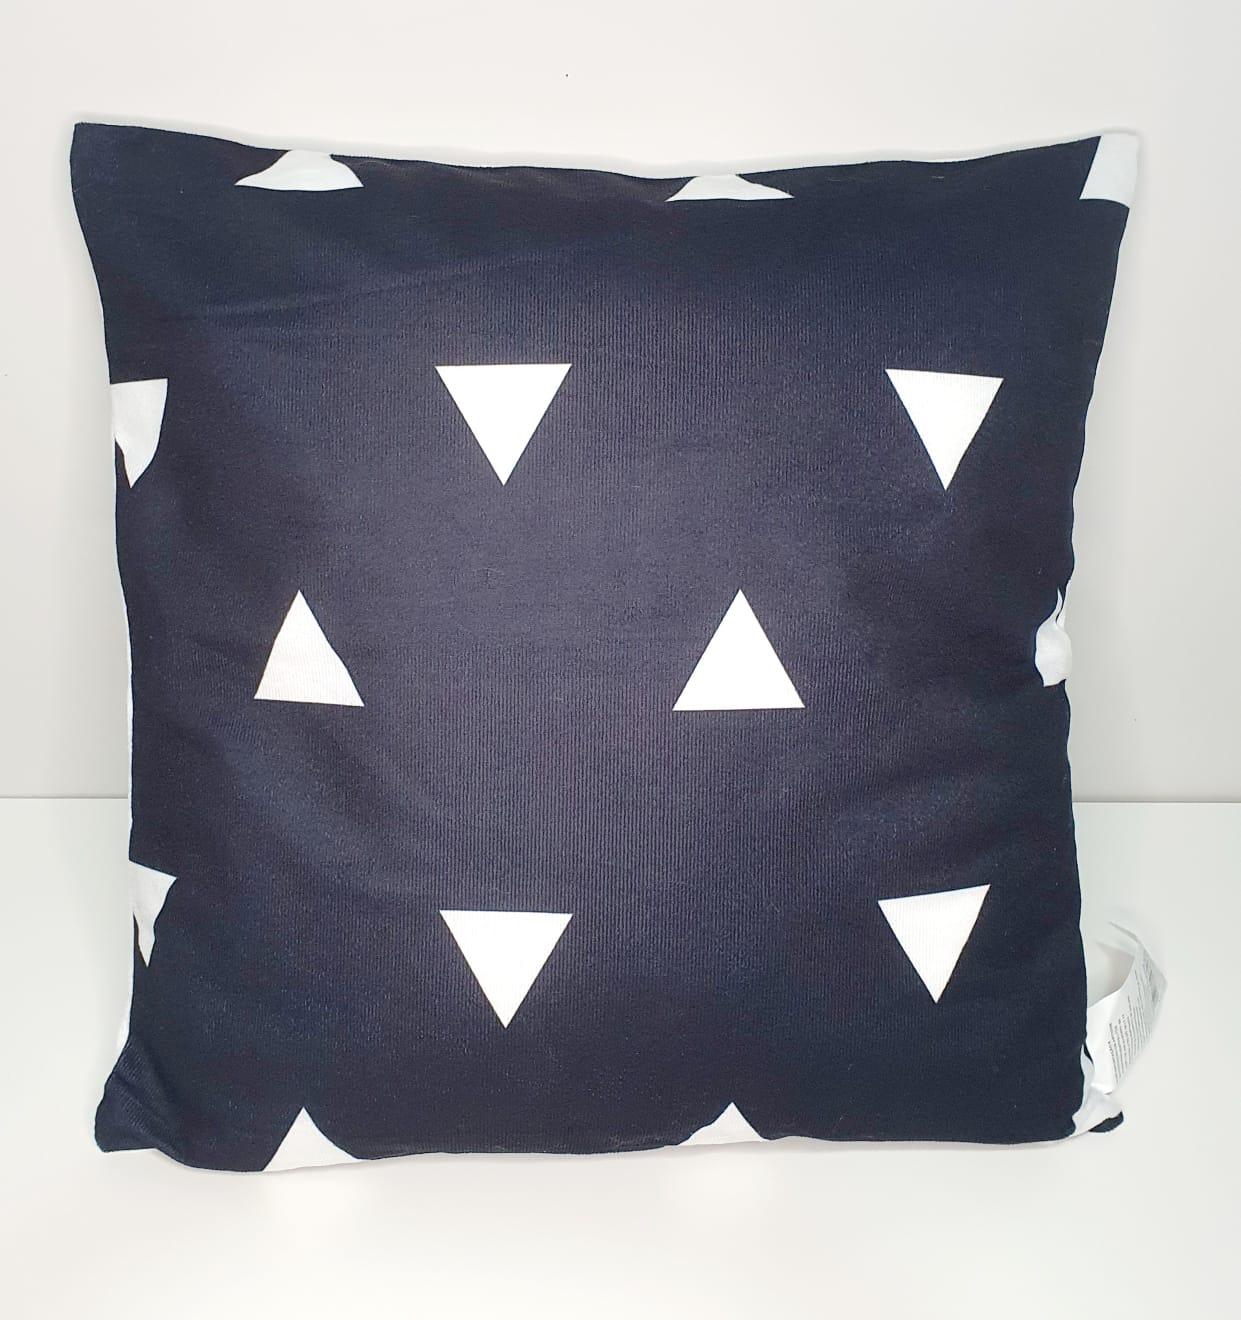 Capa para almofada - Triângulo Preta e branca